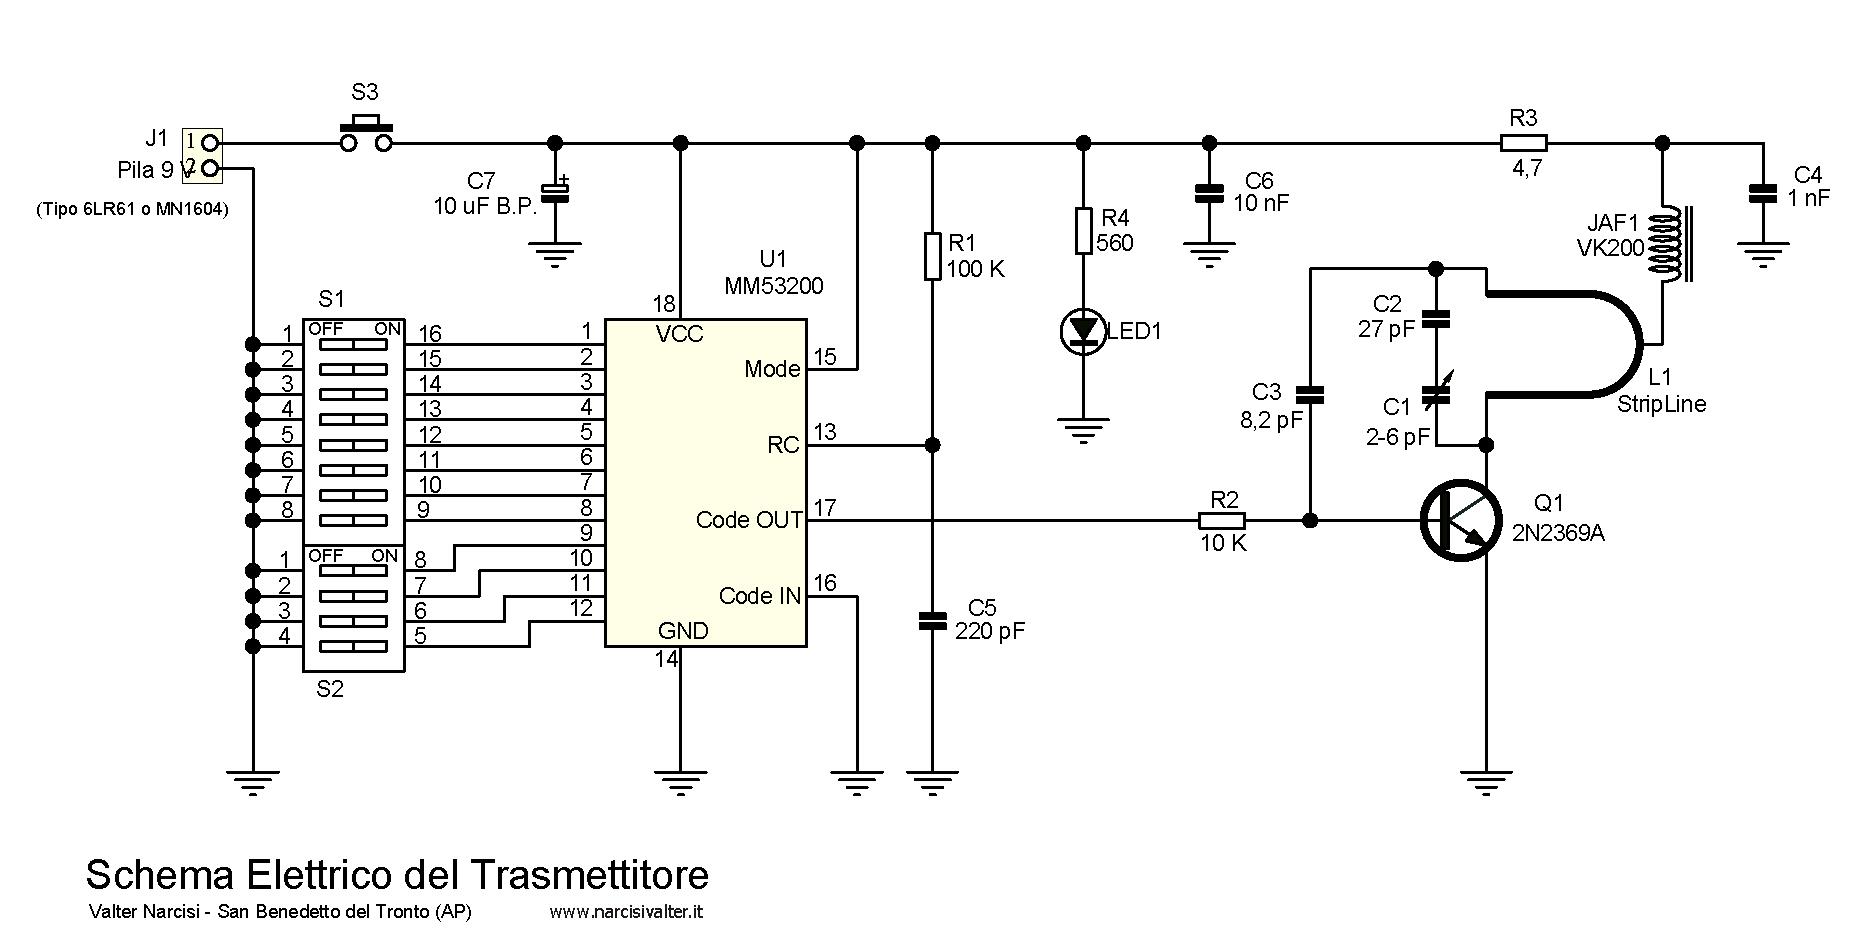 Schema Elettrico Per Apricancello : Mm vhf remote control radiocomando codificato con